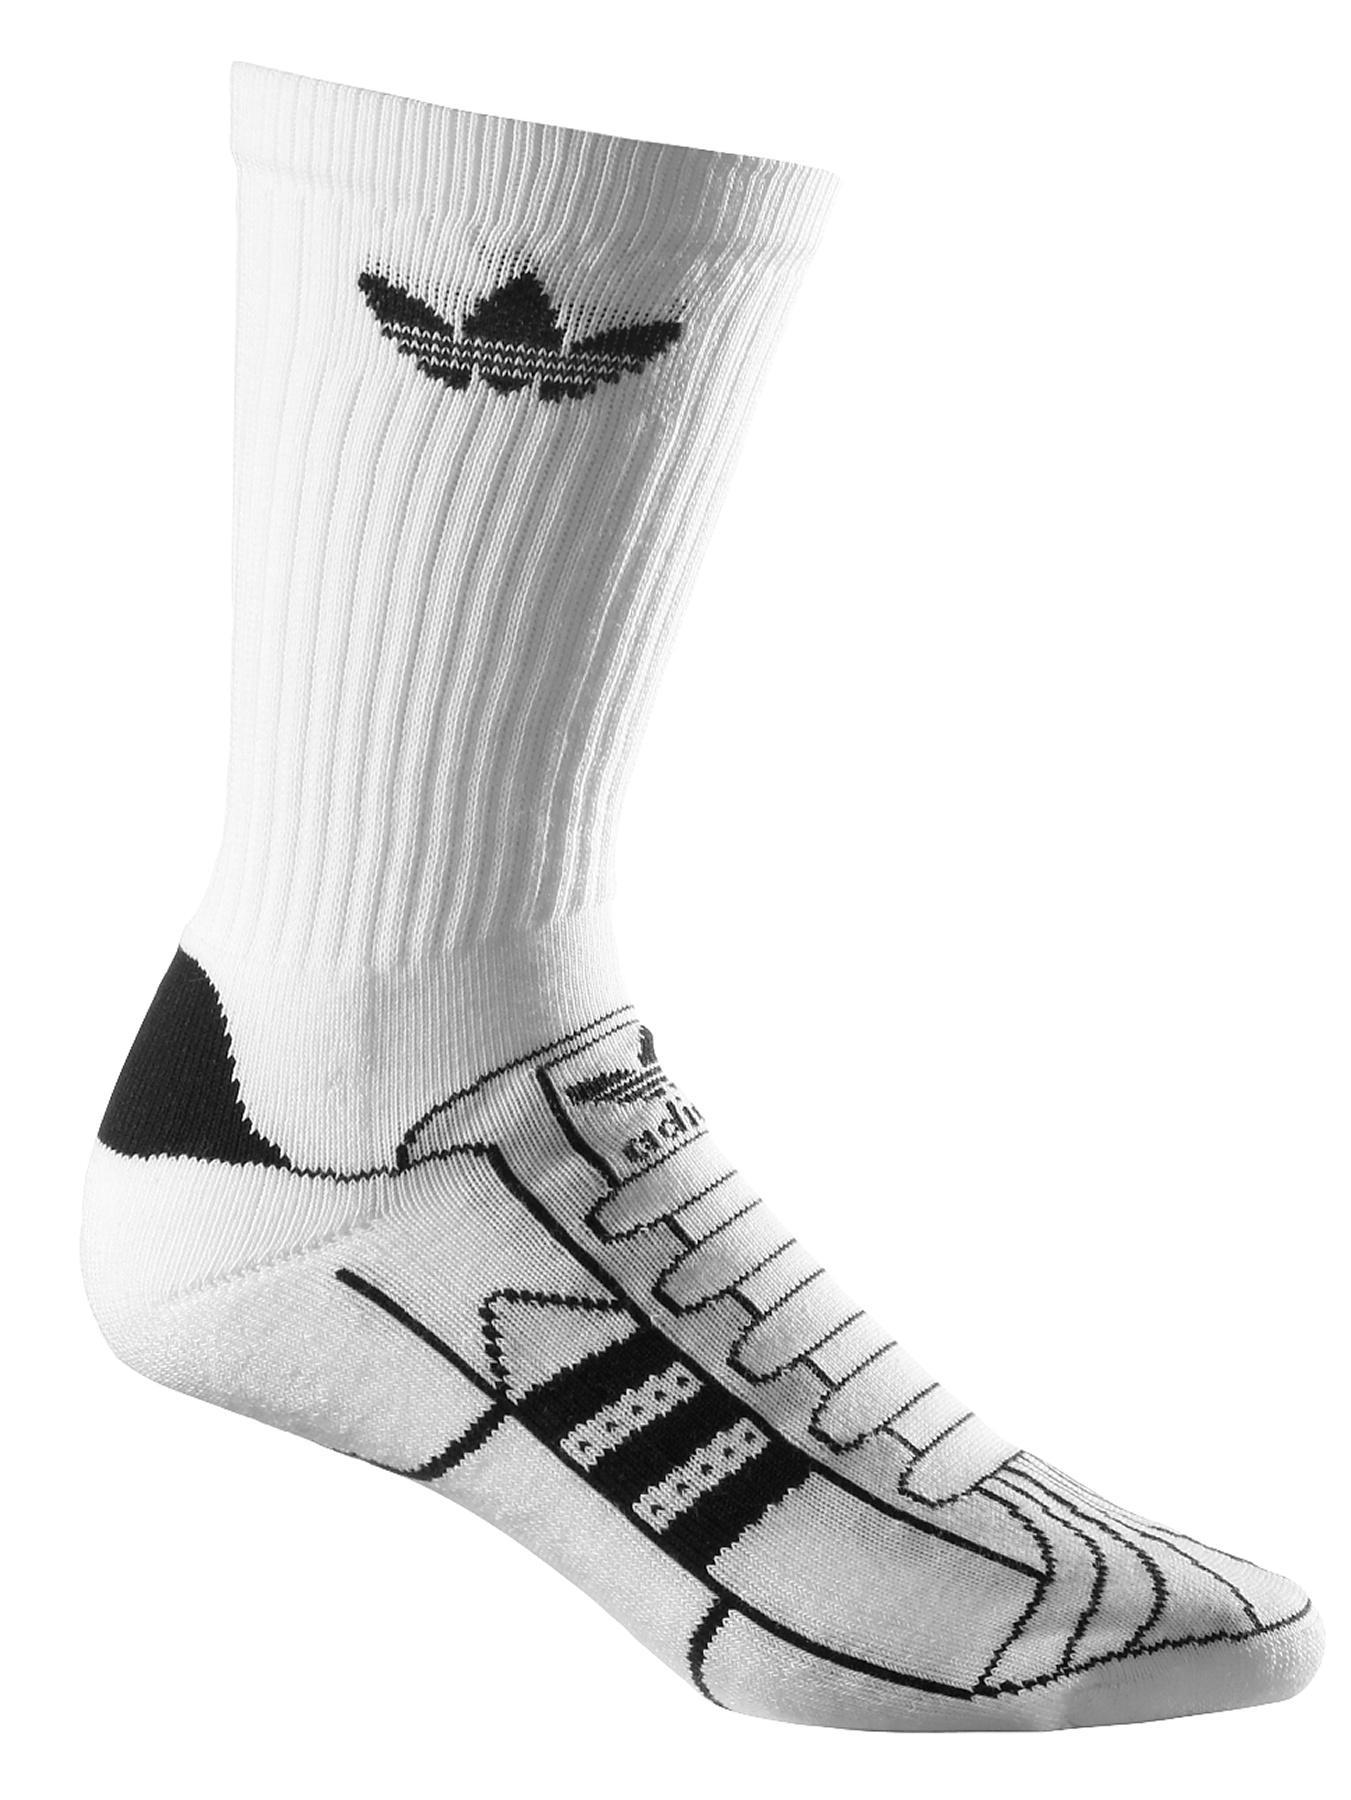 Mens Superstar Socks, White at Littlewoods